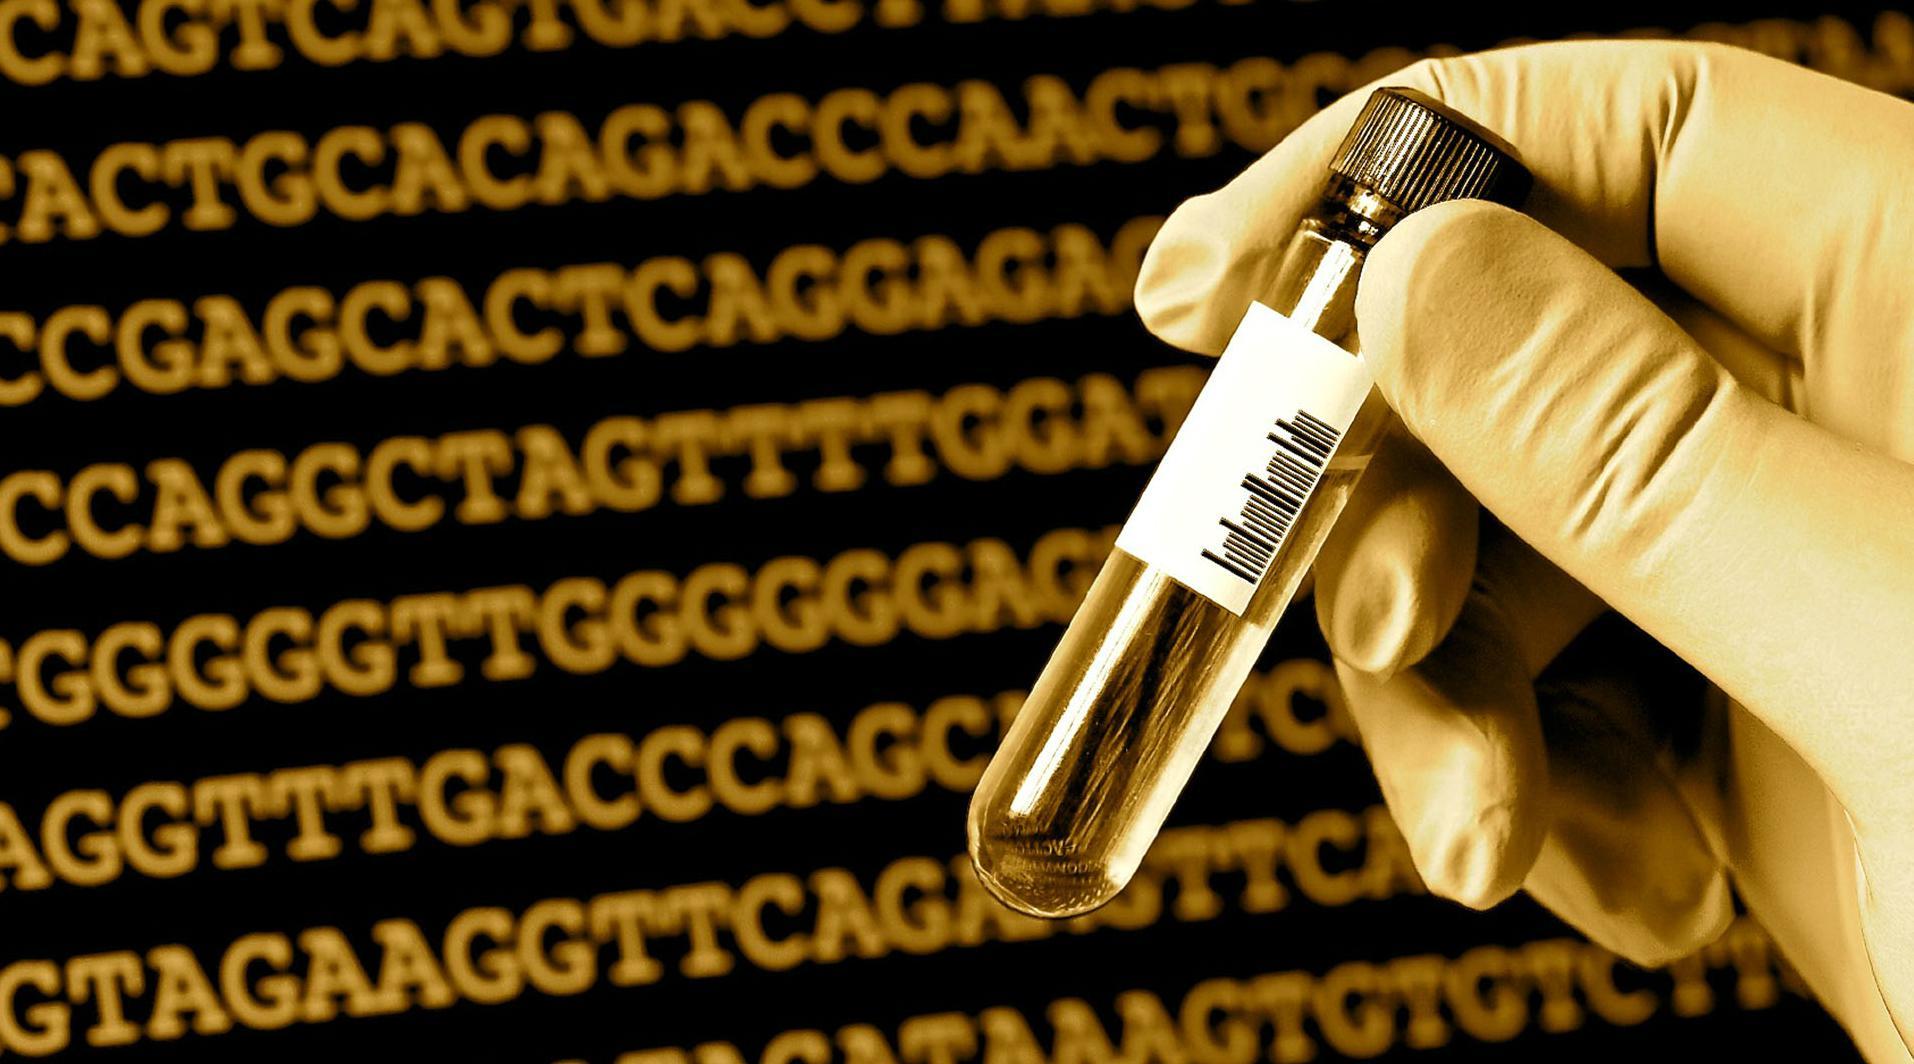 Эпоха синтетической биологии наступила: как взять от нее все?